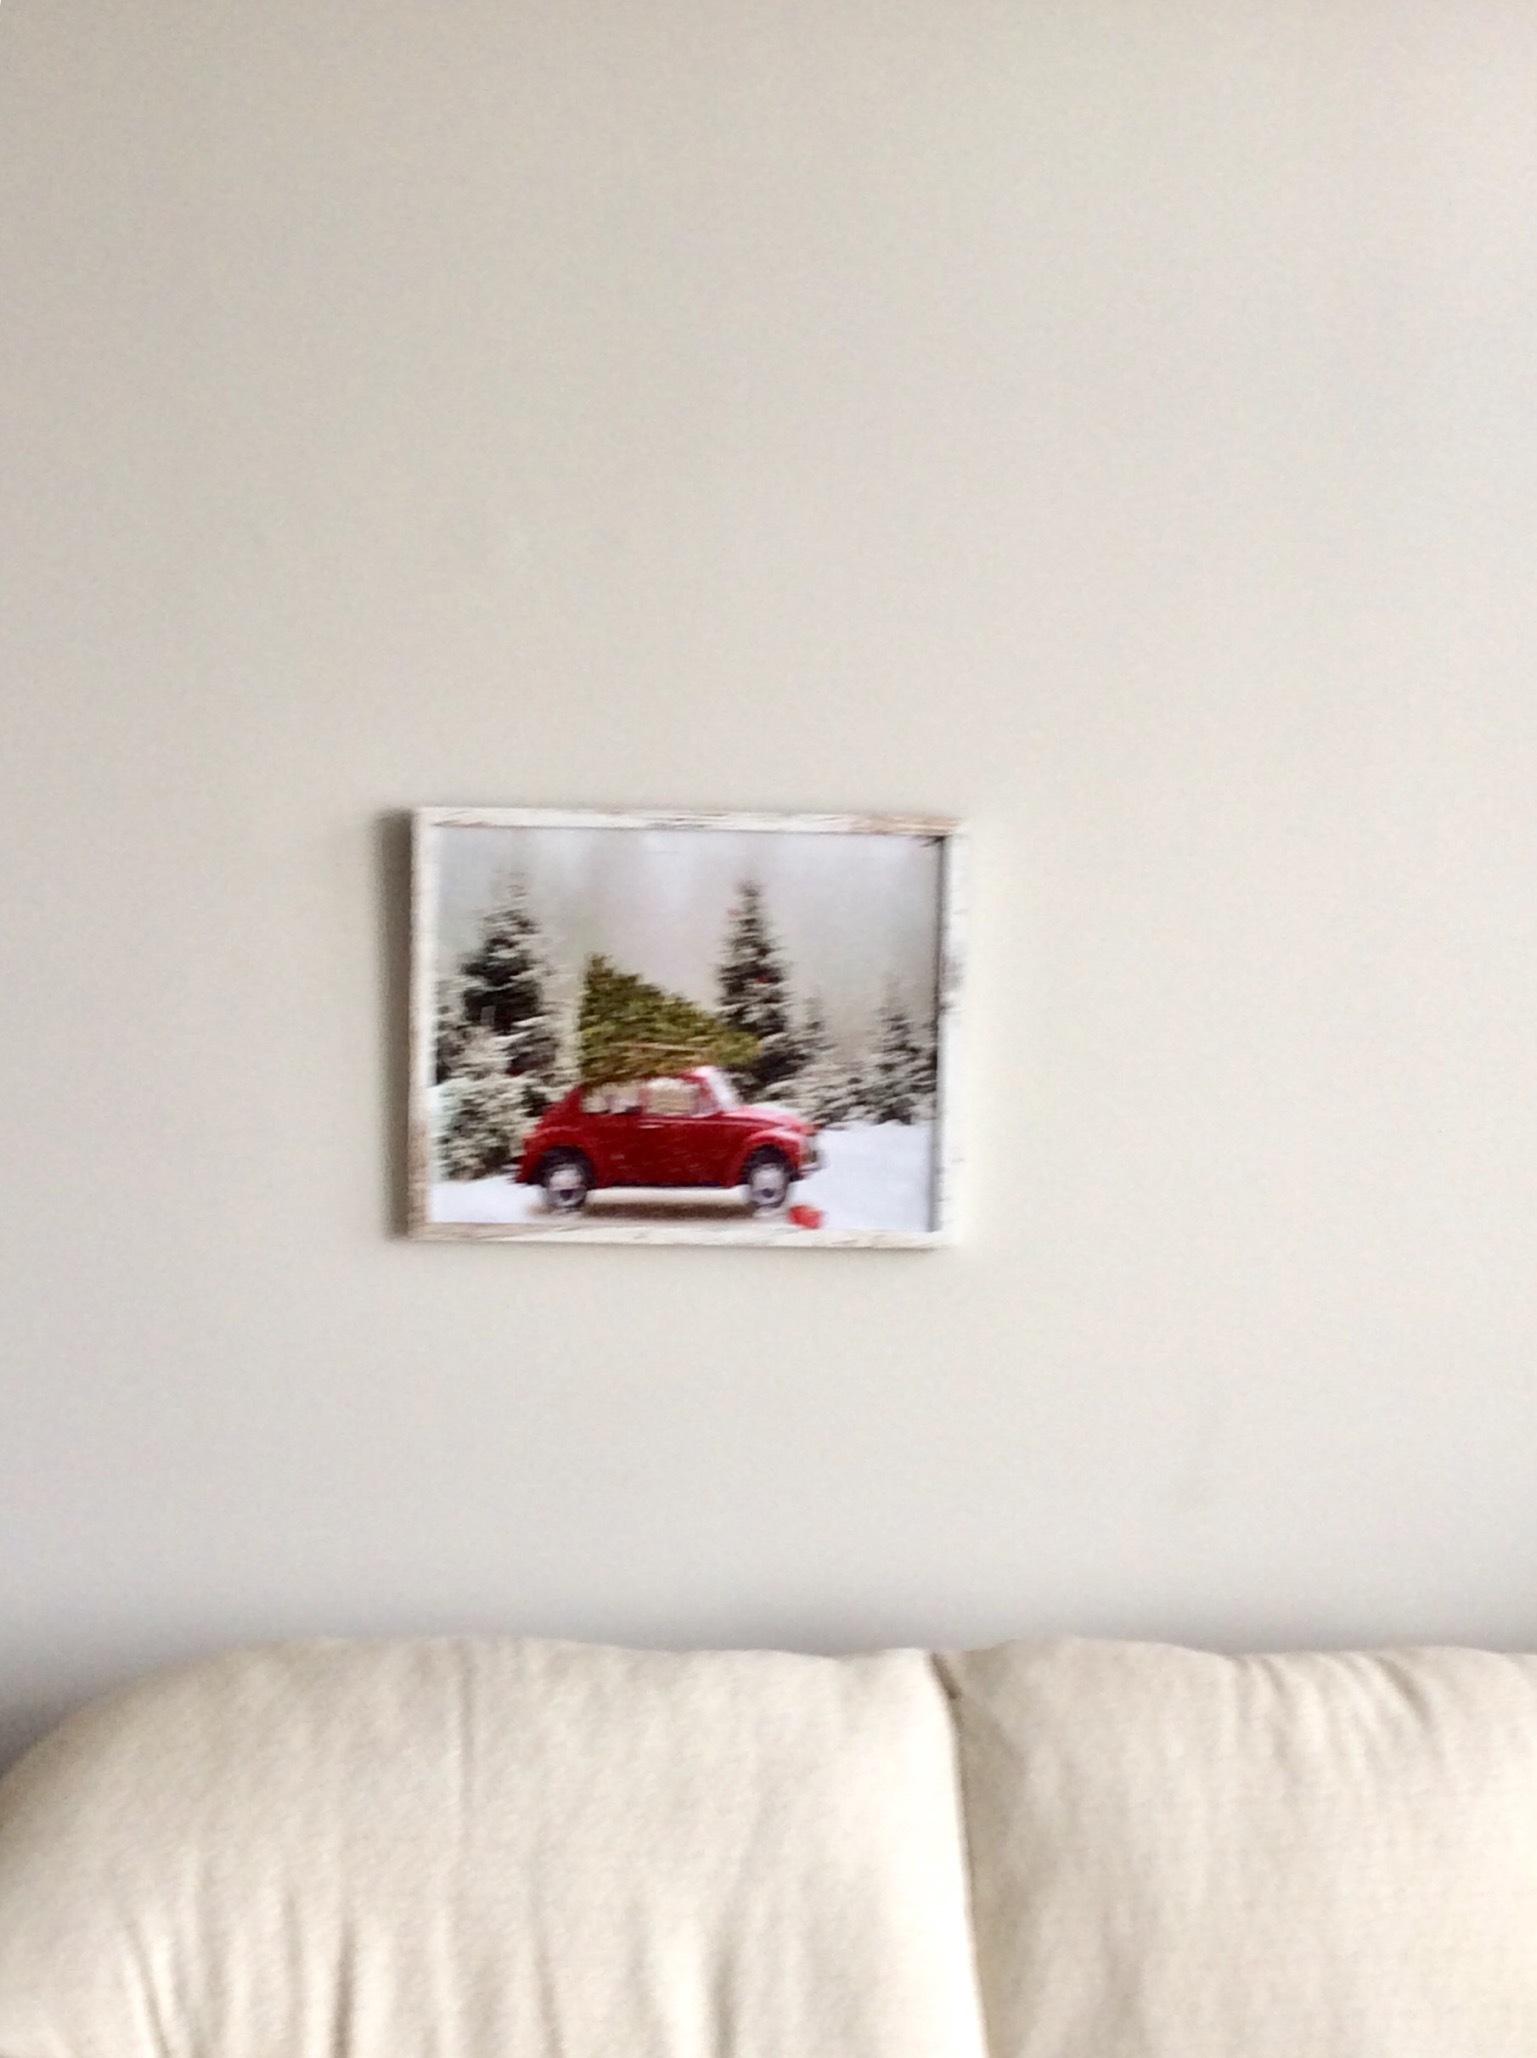 クリスマスのインテリア小物たち_d0269832_06082842.jpeg